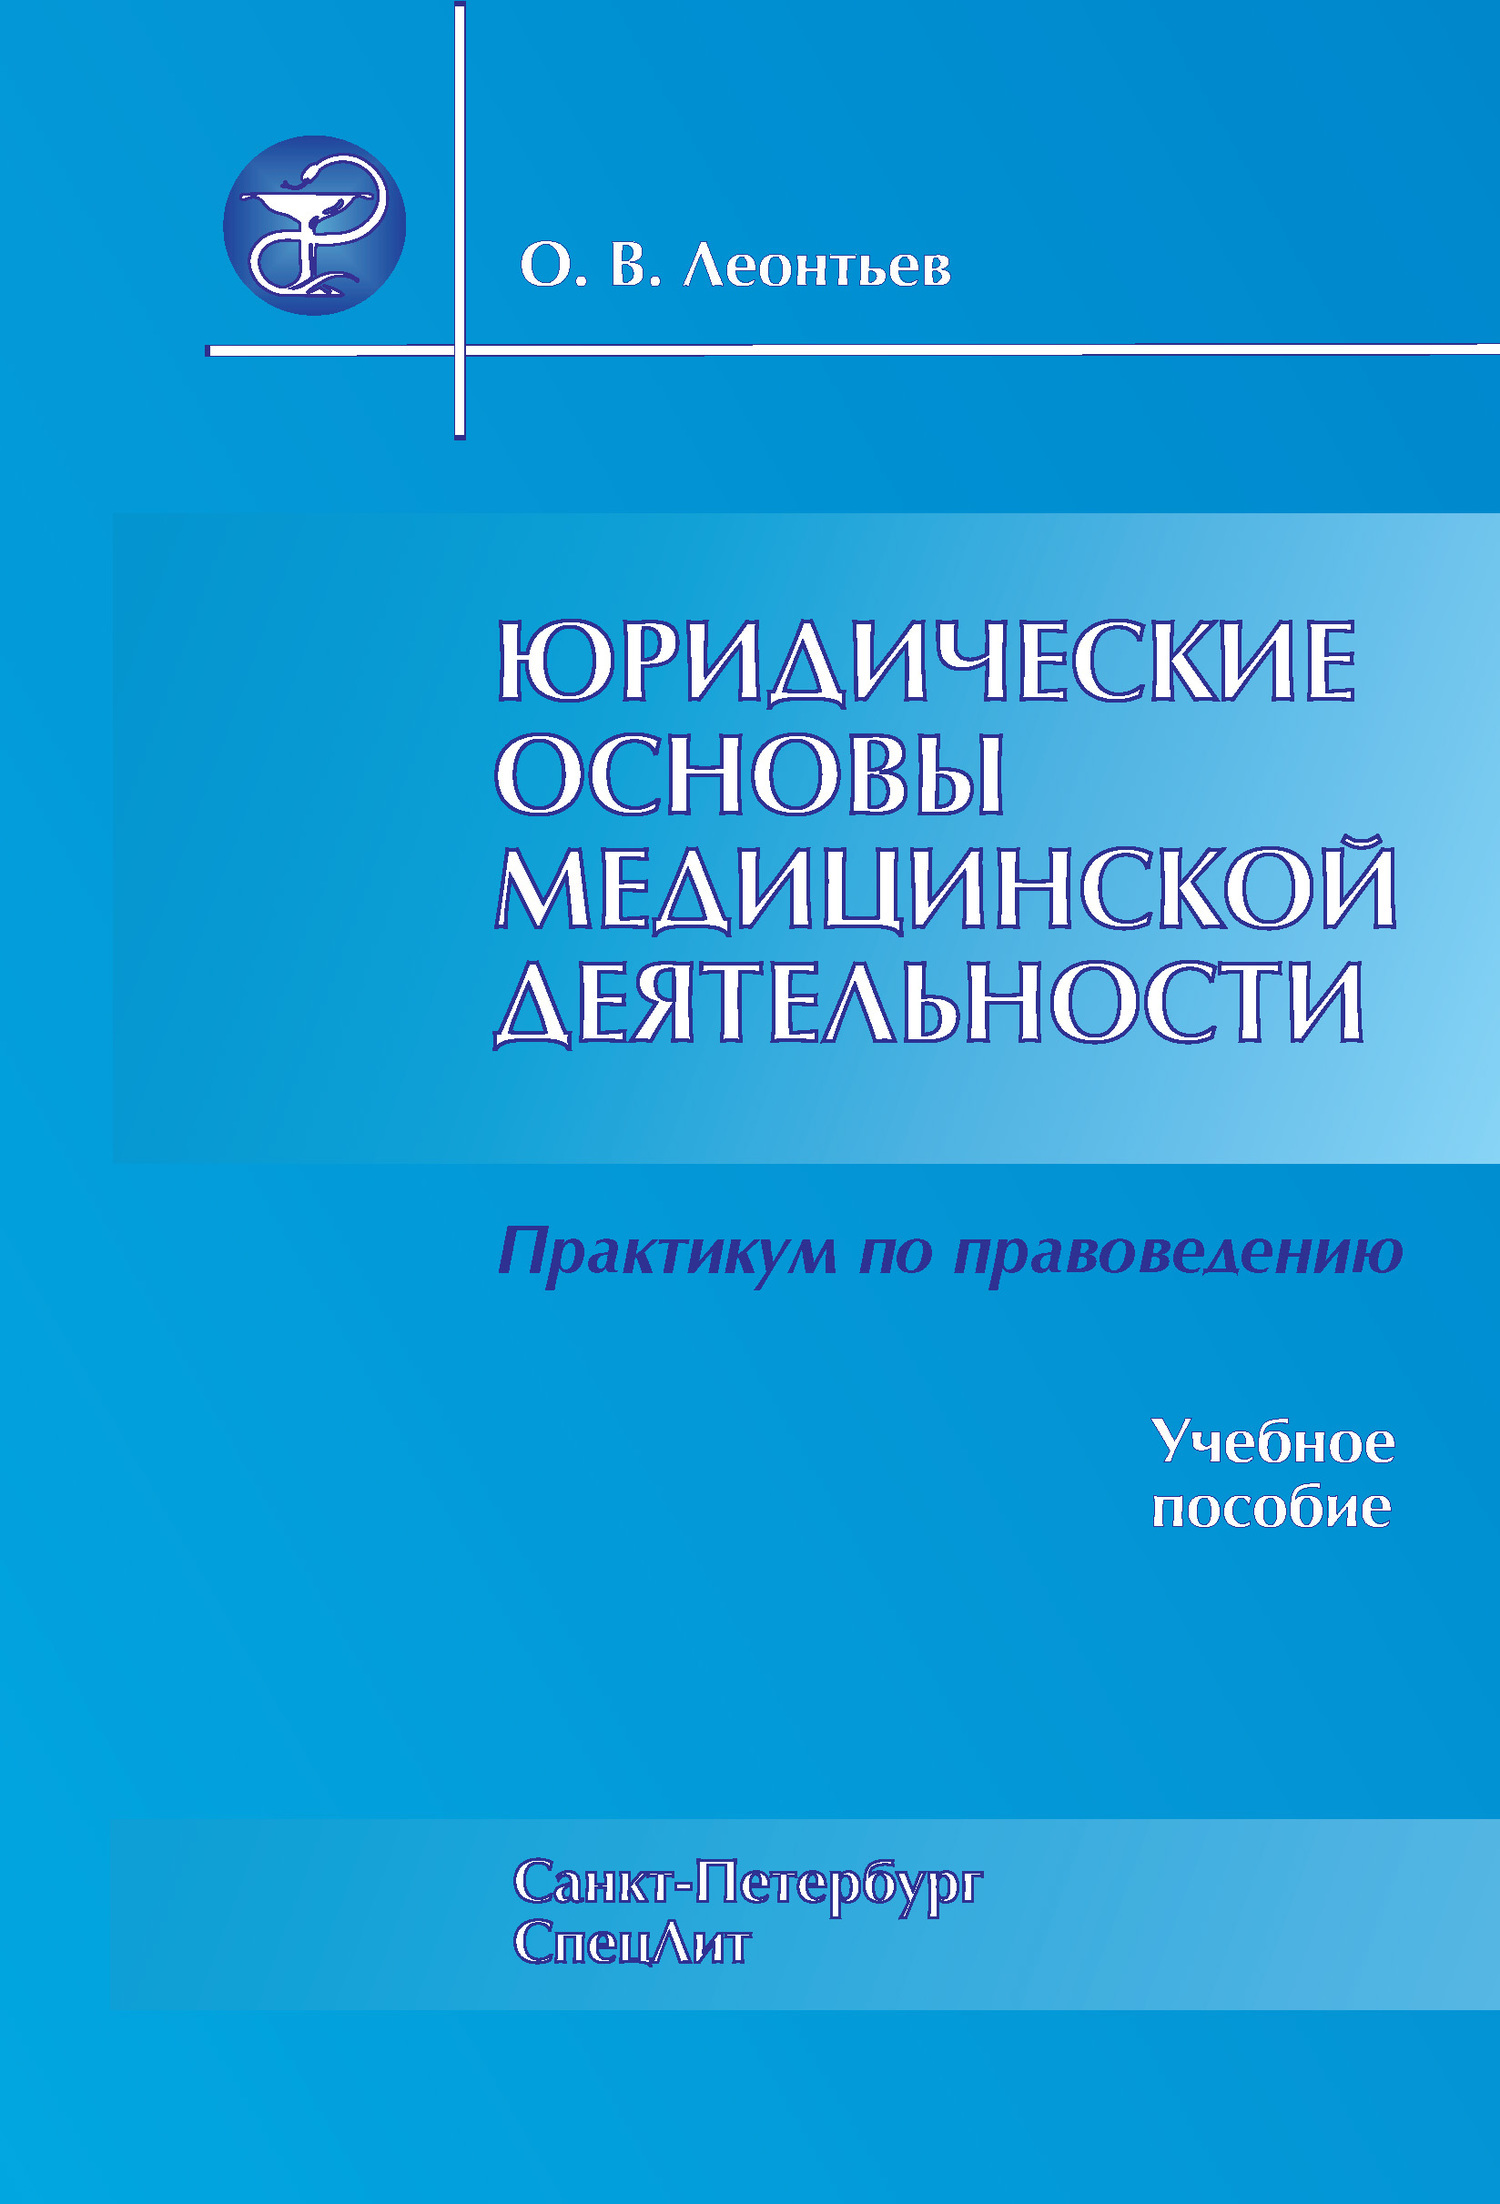 Олег Леонтьев - Юридические основы медицинской деятельности. Практикум по правоведению